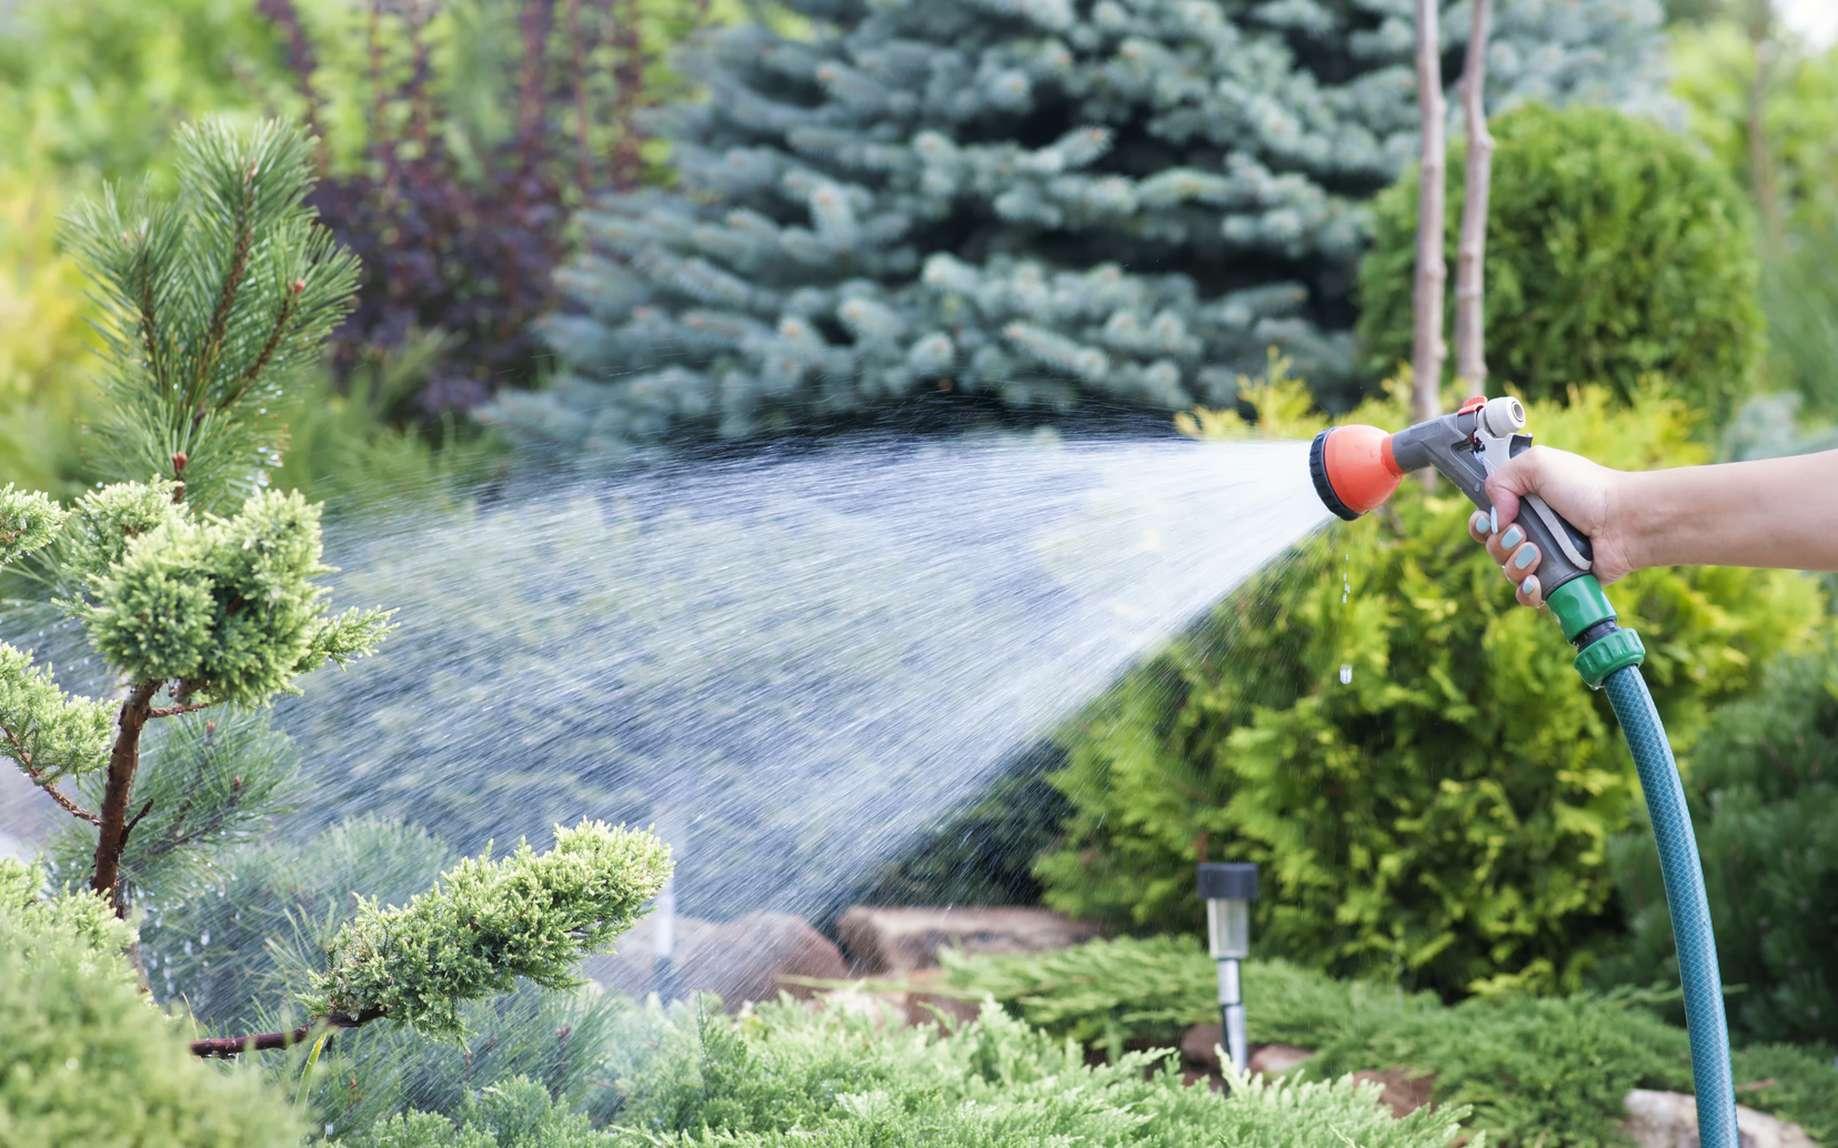 Un jardin bien pensé et bien arrosé peut consommer peu d'eau du robinet. © Irina, fotolia